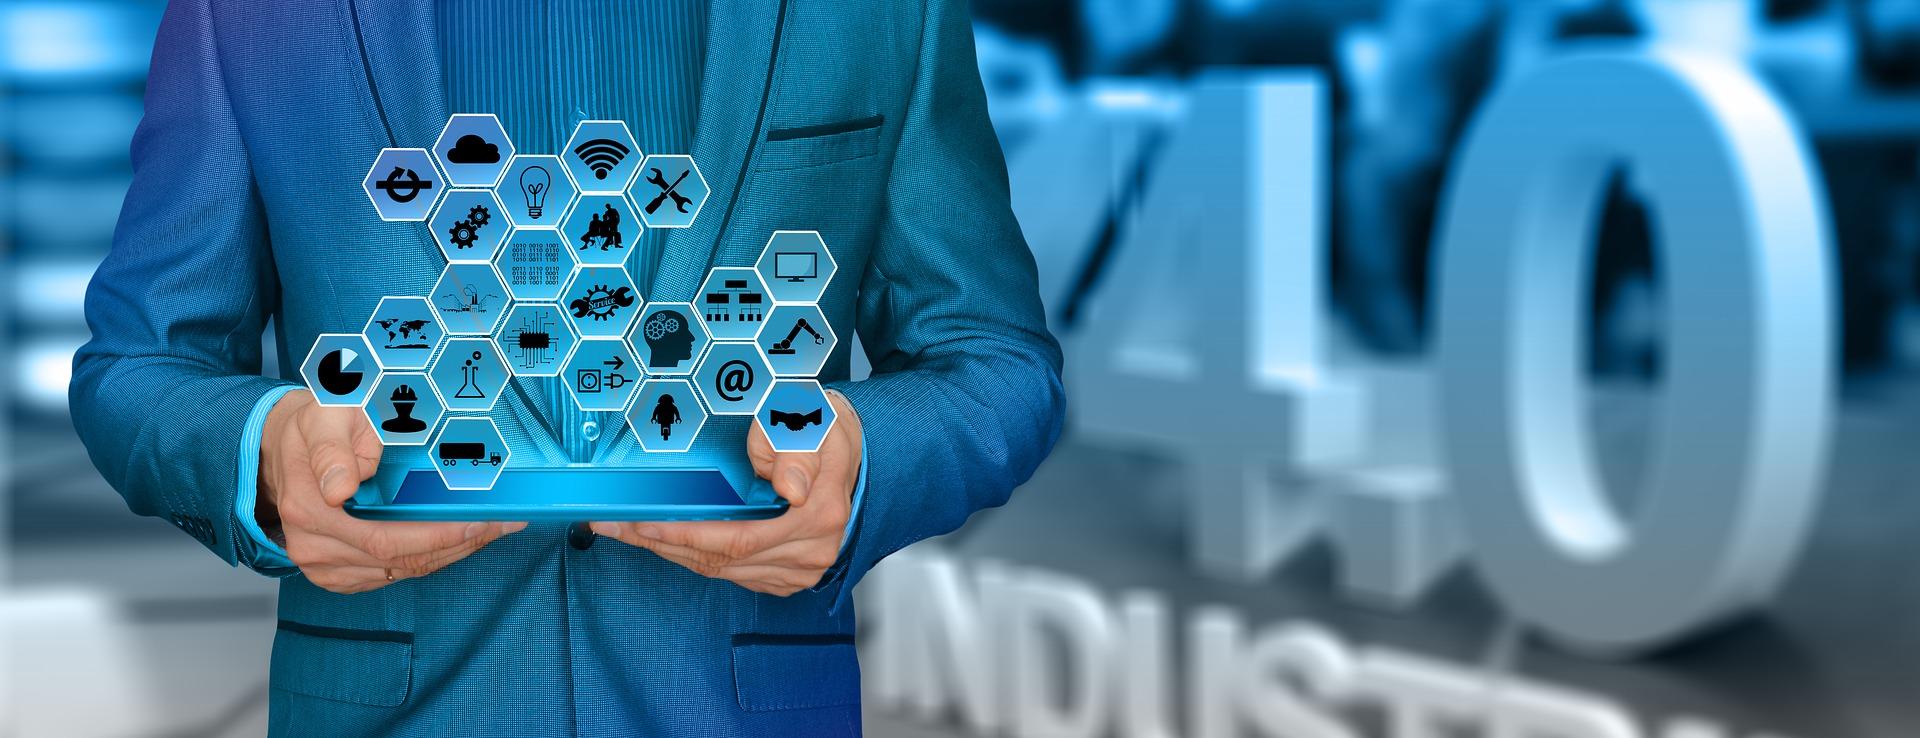 Postęp w zapewnieniu bezpieczeństwa w Industry 4.0